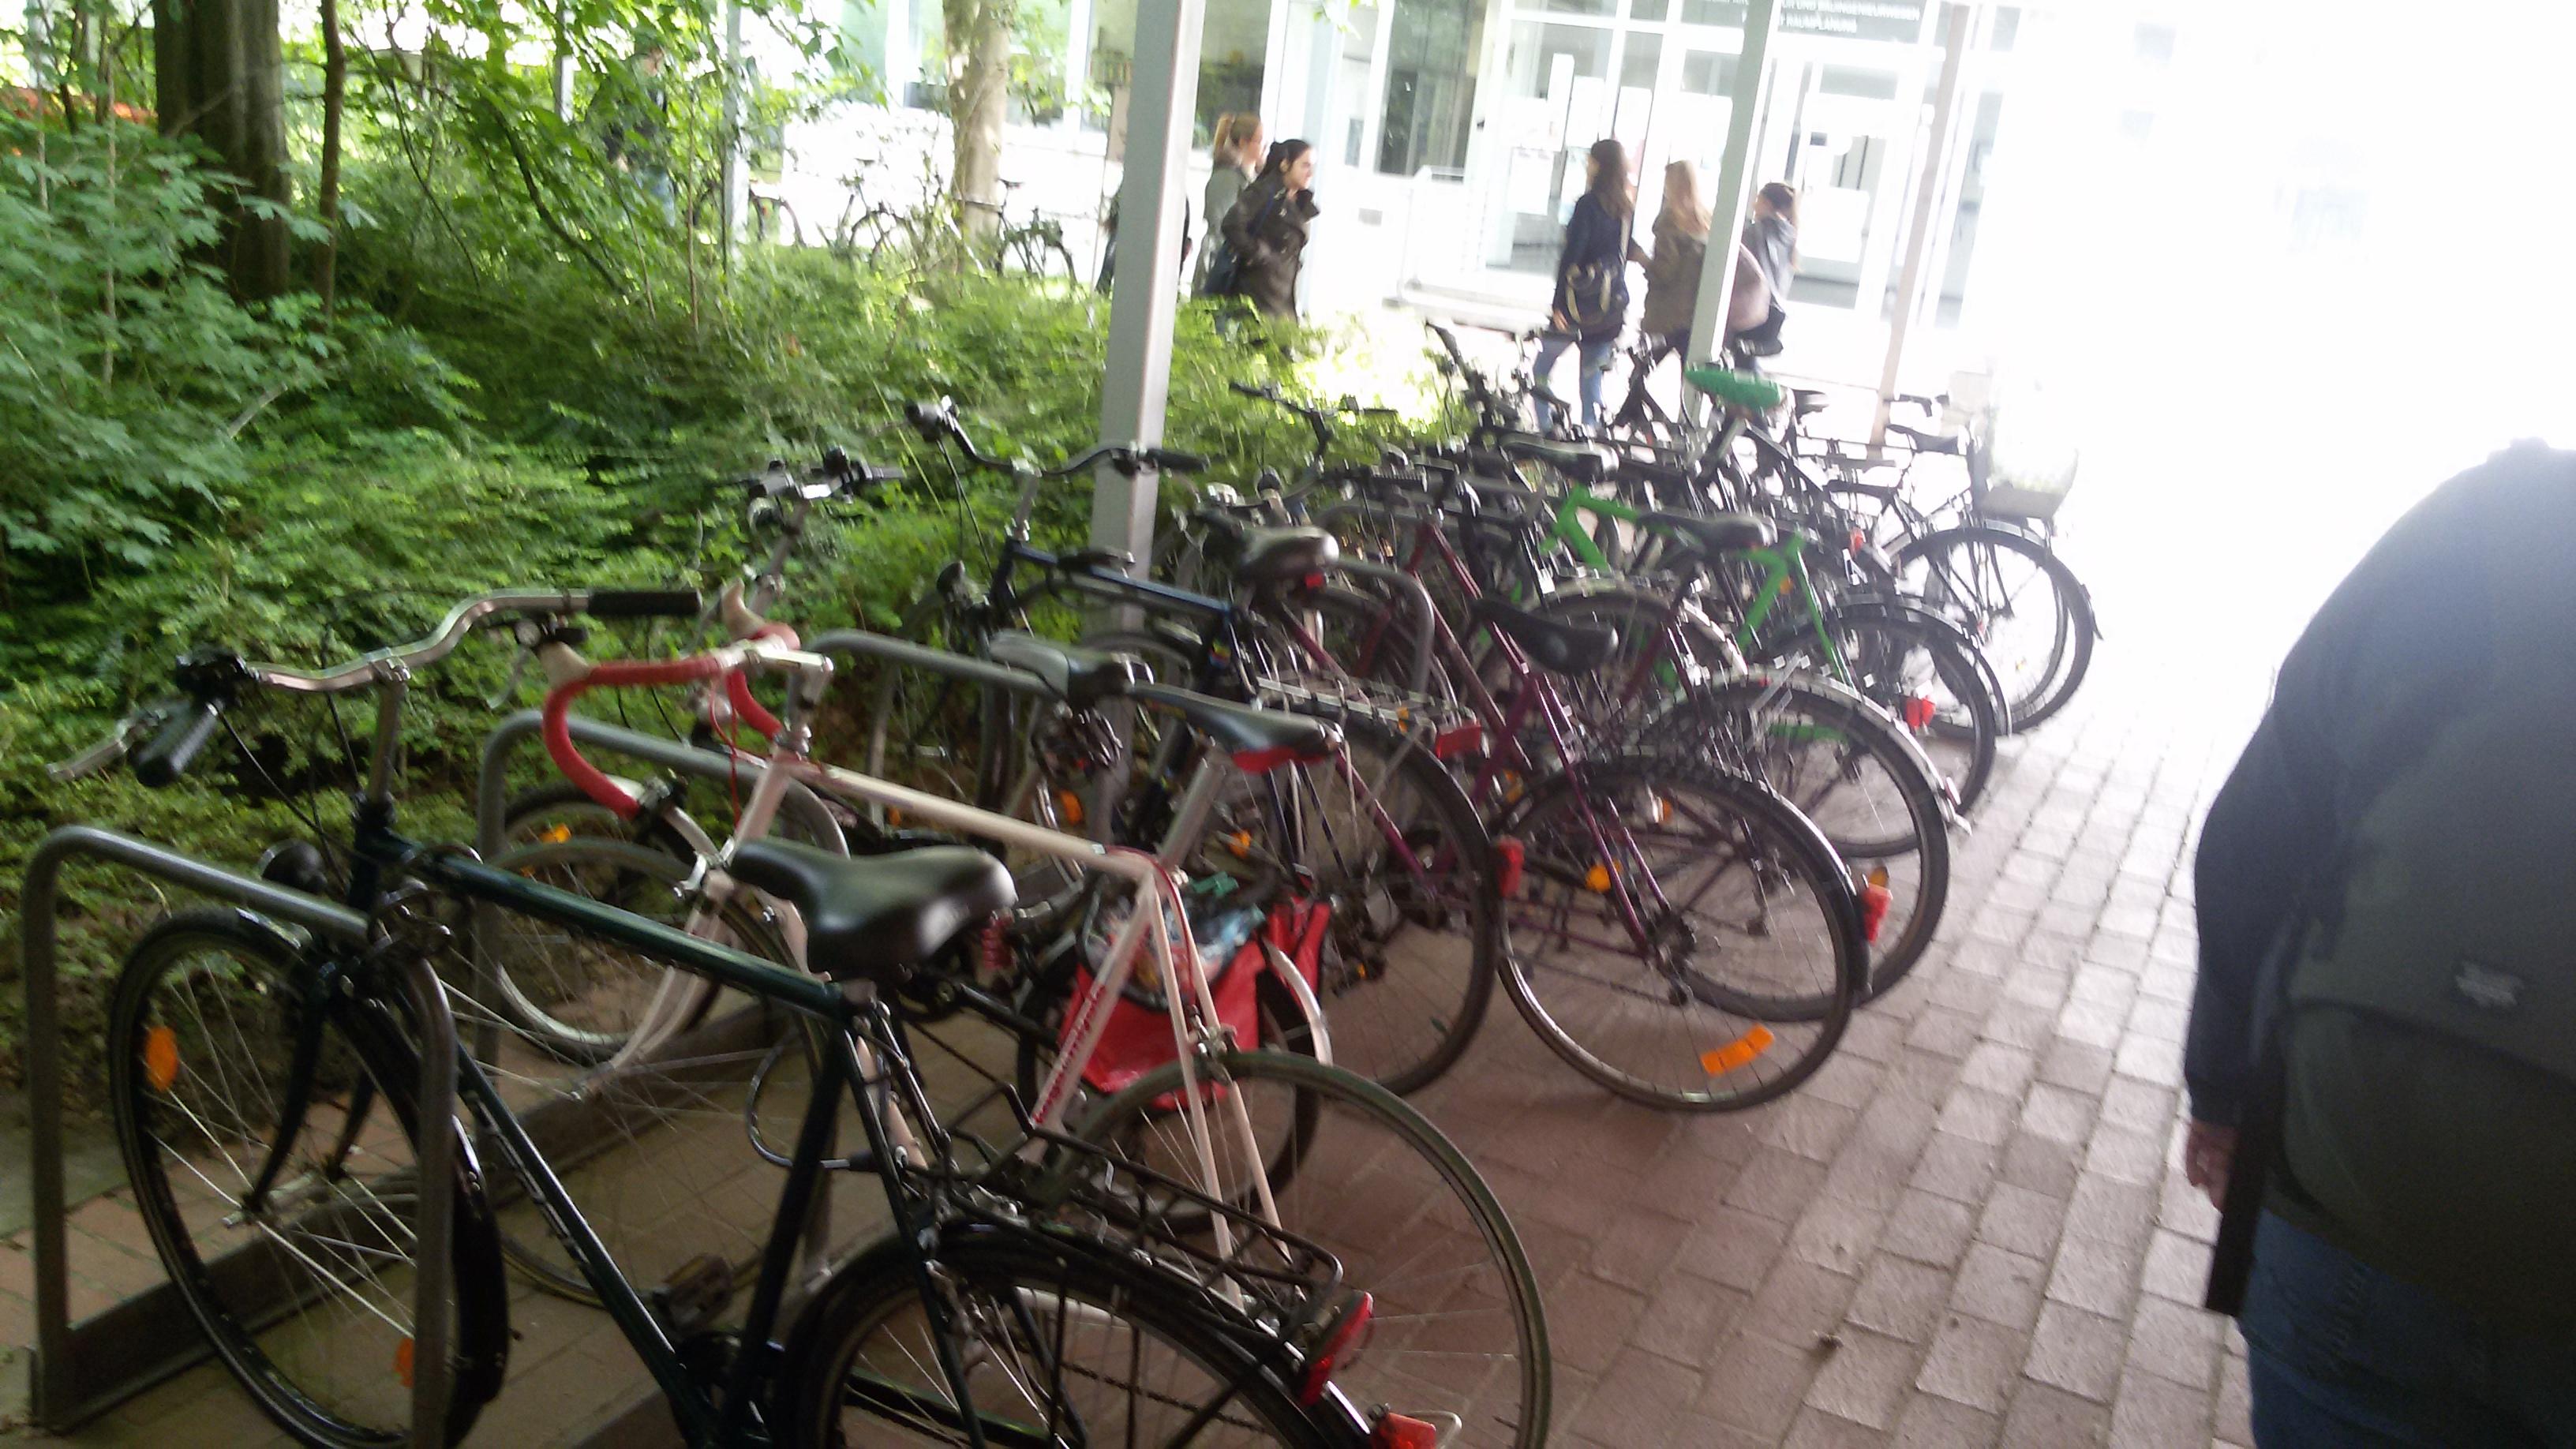 ein Fahrradparkplatz bis zum letzten Platz belegt